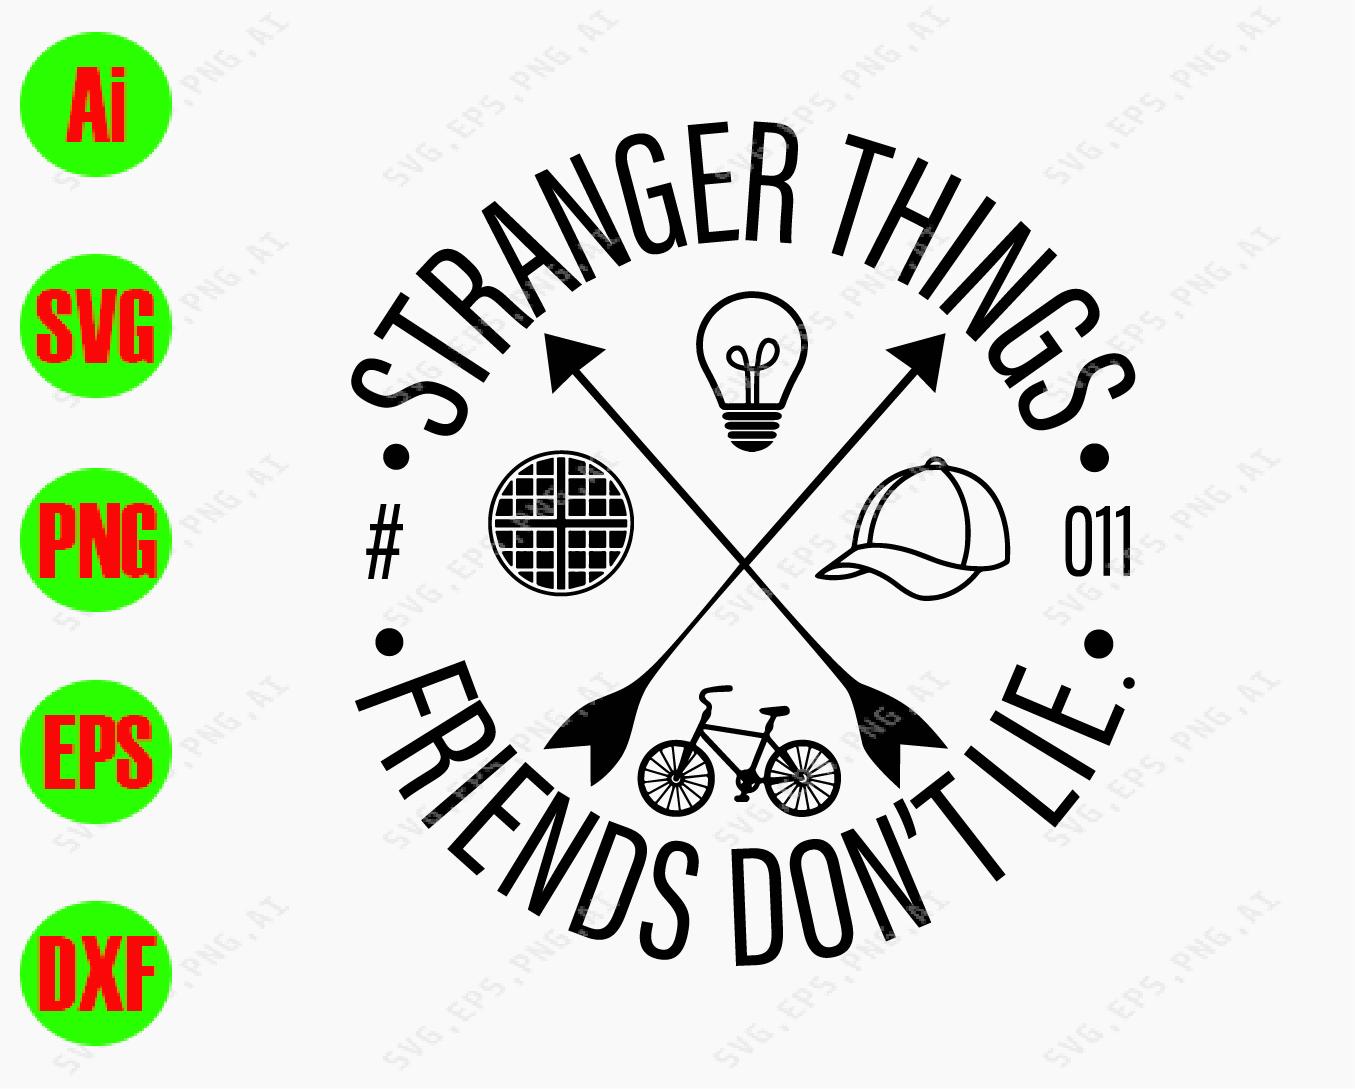 Stranger Things Friends Don T Lie Svg Dxf Eps Png Digital Download Designbtf Com